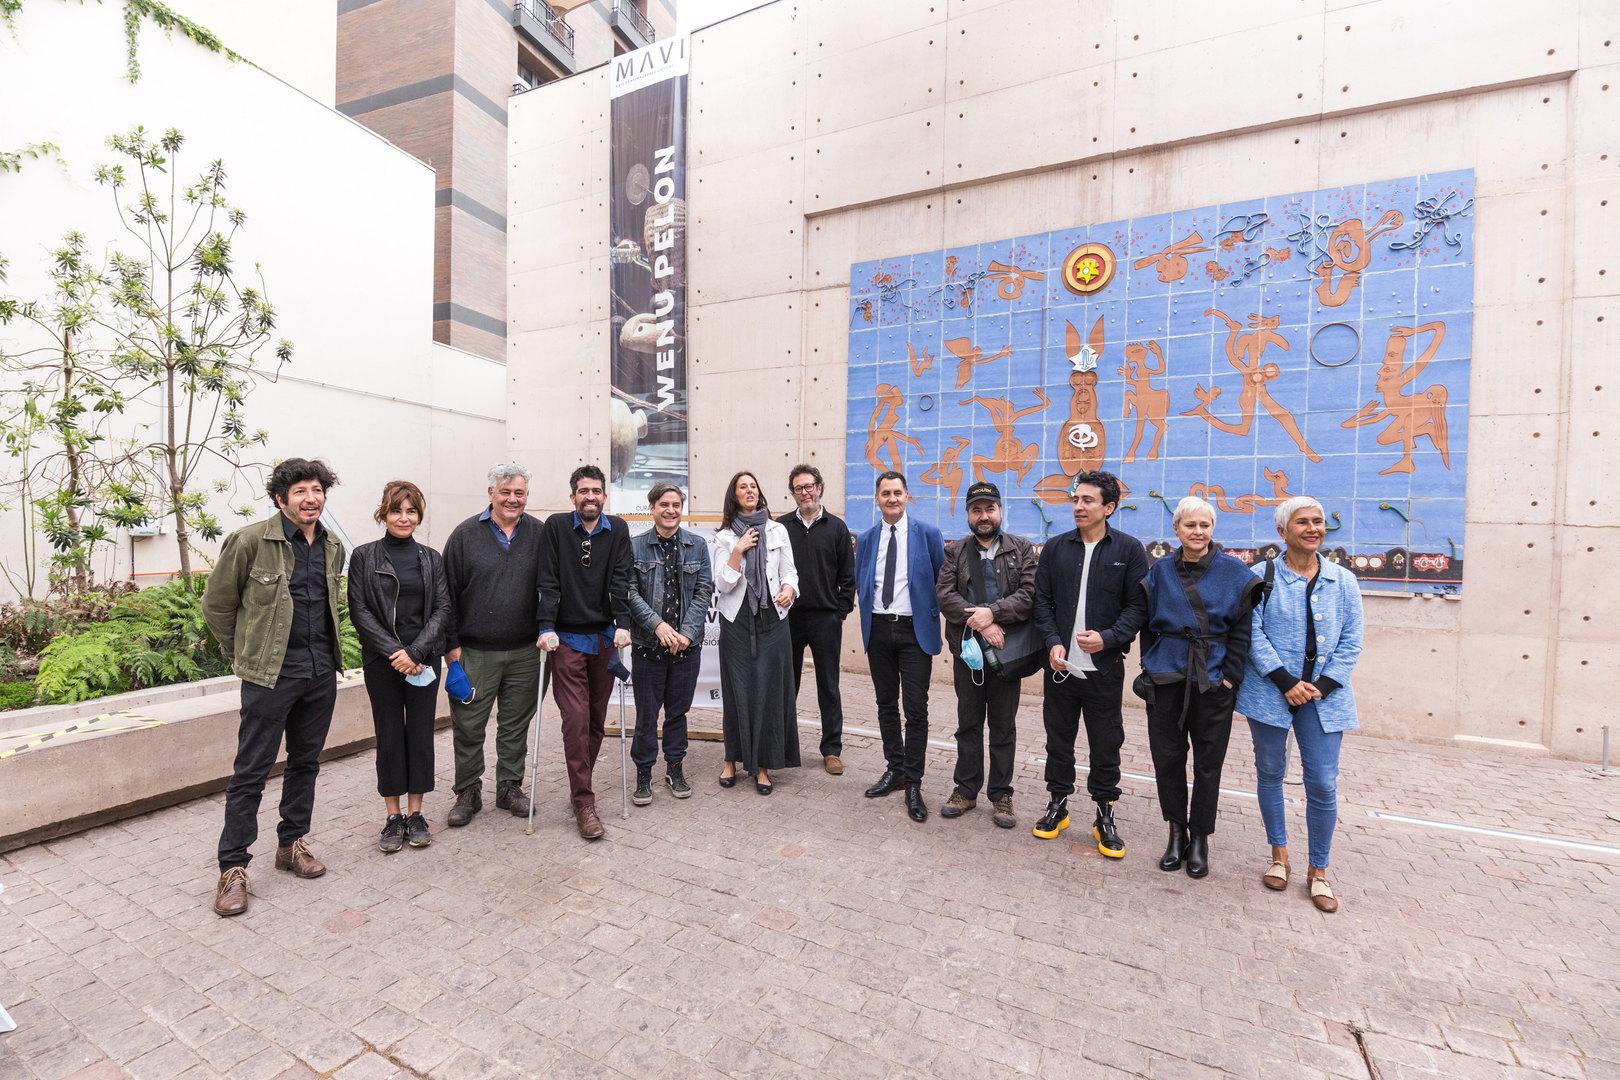 Finalistas y parte del jurado de Beca Fundación Actual MAVI 2020. Fotografía Joaquín Cabello © 2020